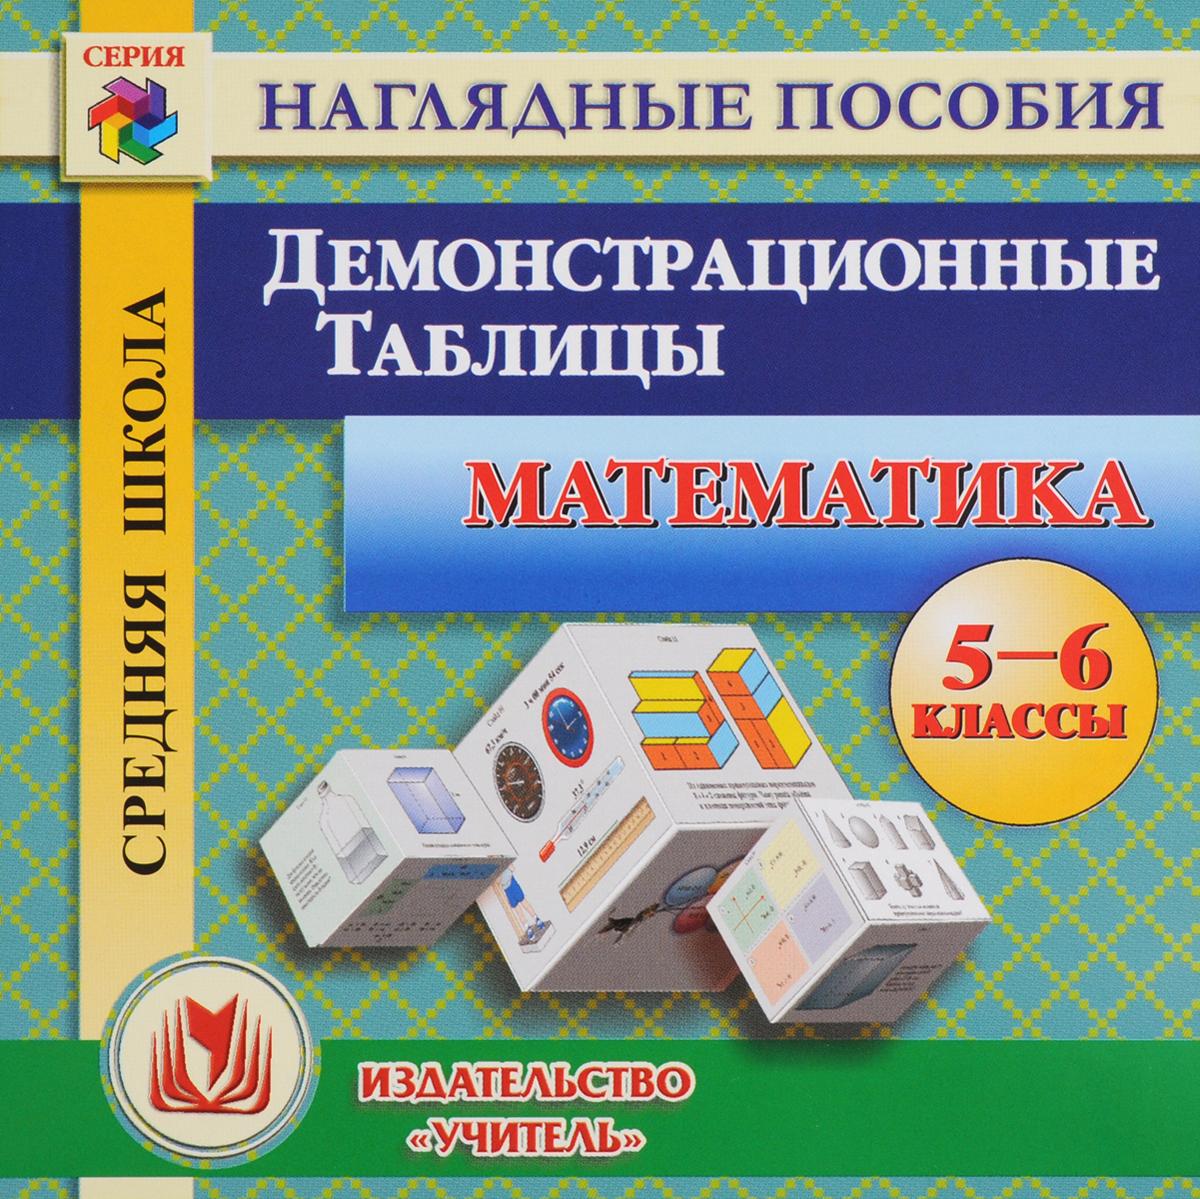 Математика. Демонстрационные таблицы. 5-6 классы а а еромасова общая психология практикум для самостоятельной работы студента